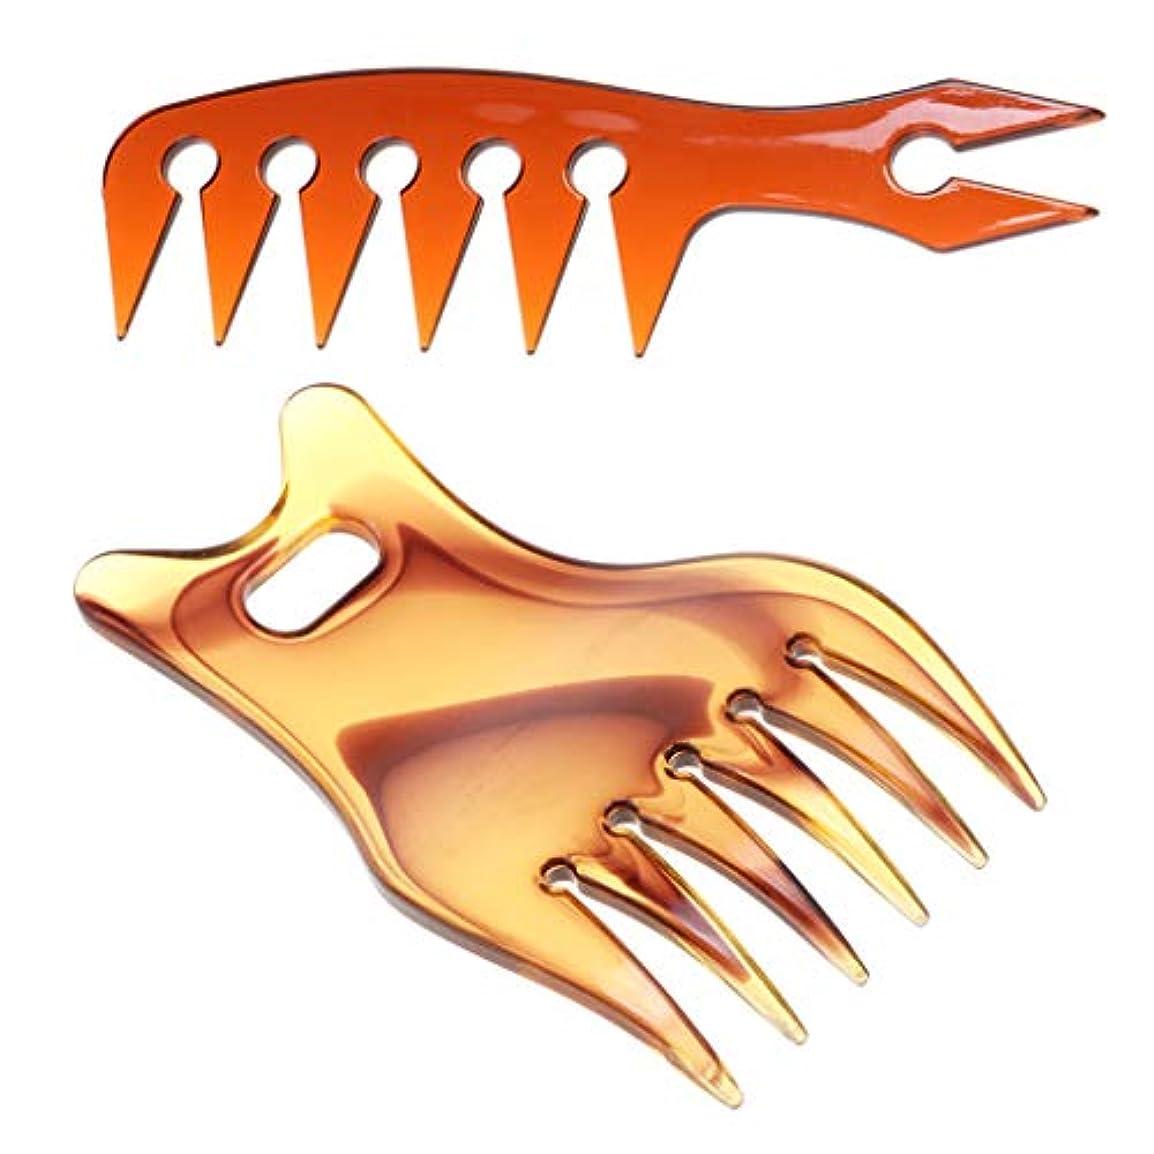 磁器バスト倒産ヘアコーム オイリーヘアコーム 広い歯 毛櫛 ヘアダイコーム プラスチック 帯電防止 耐熱性